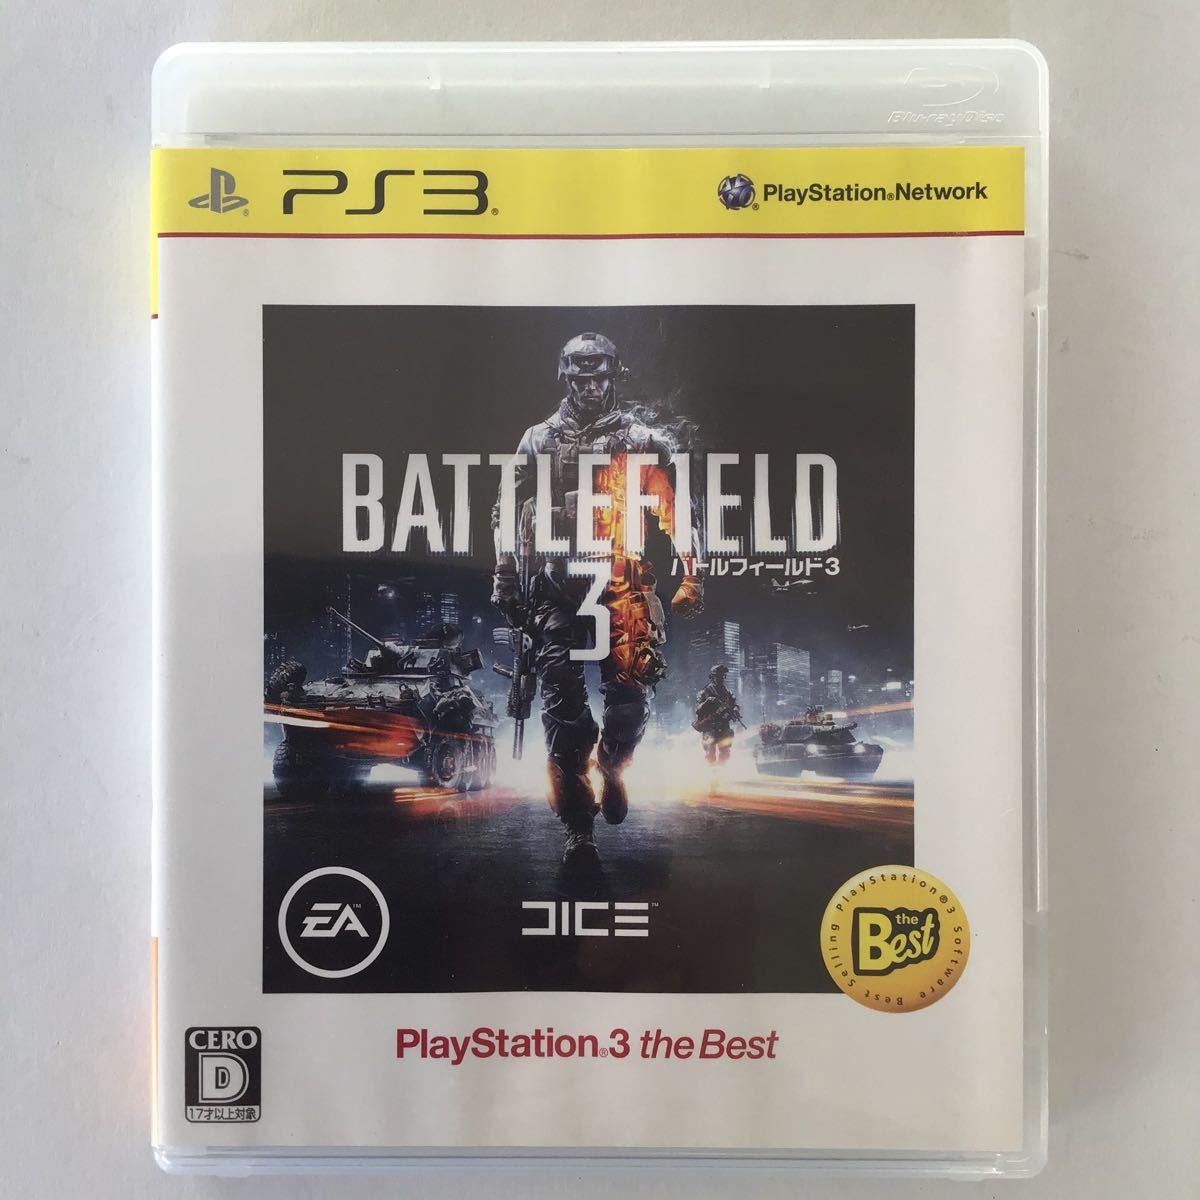 【PS3】 バトルフィールド 3 [PS3 The Best]